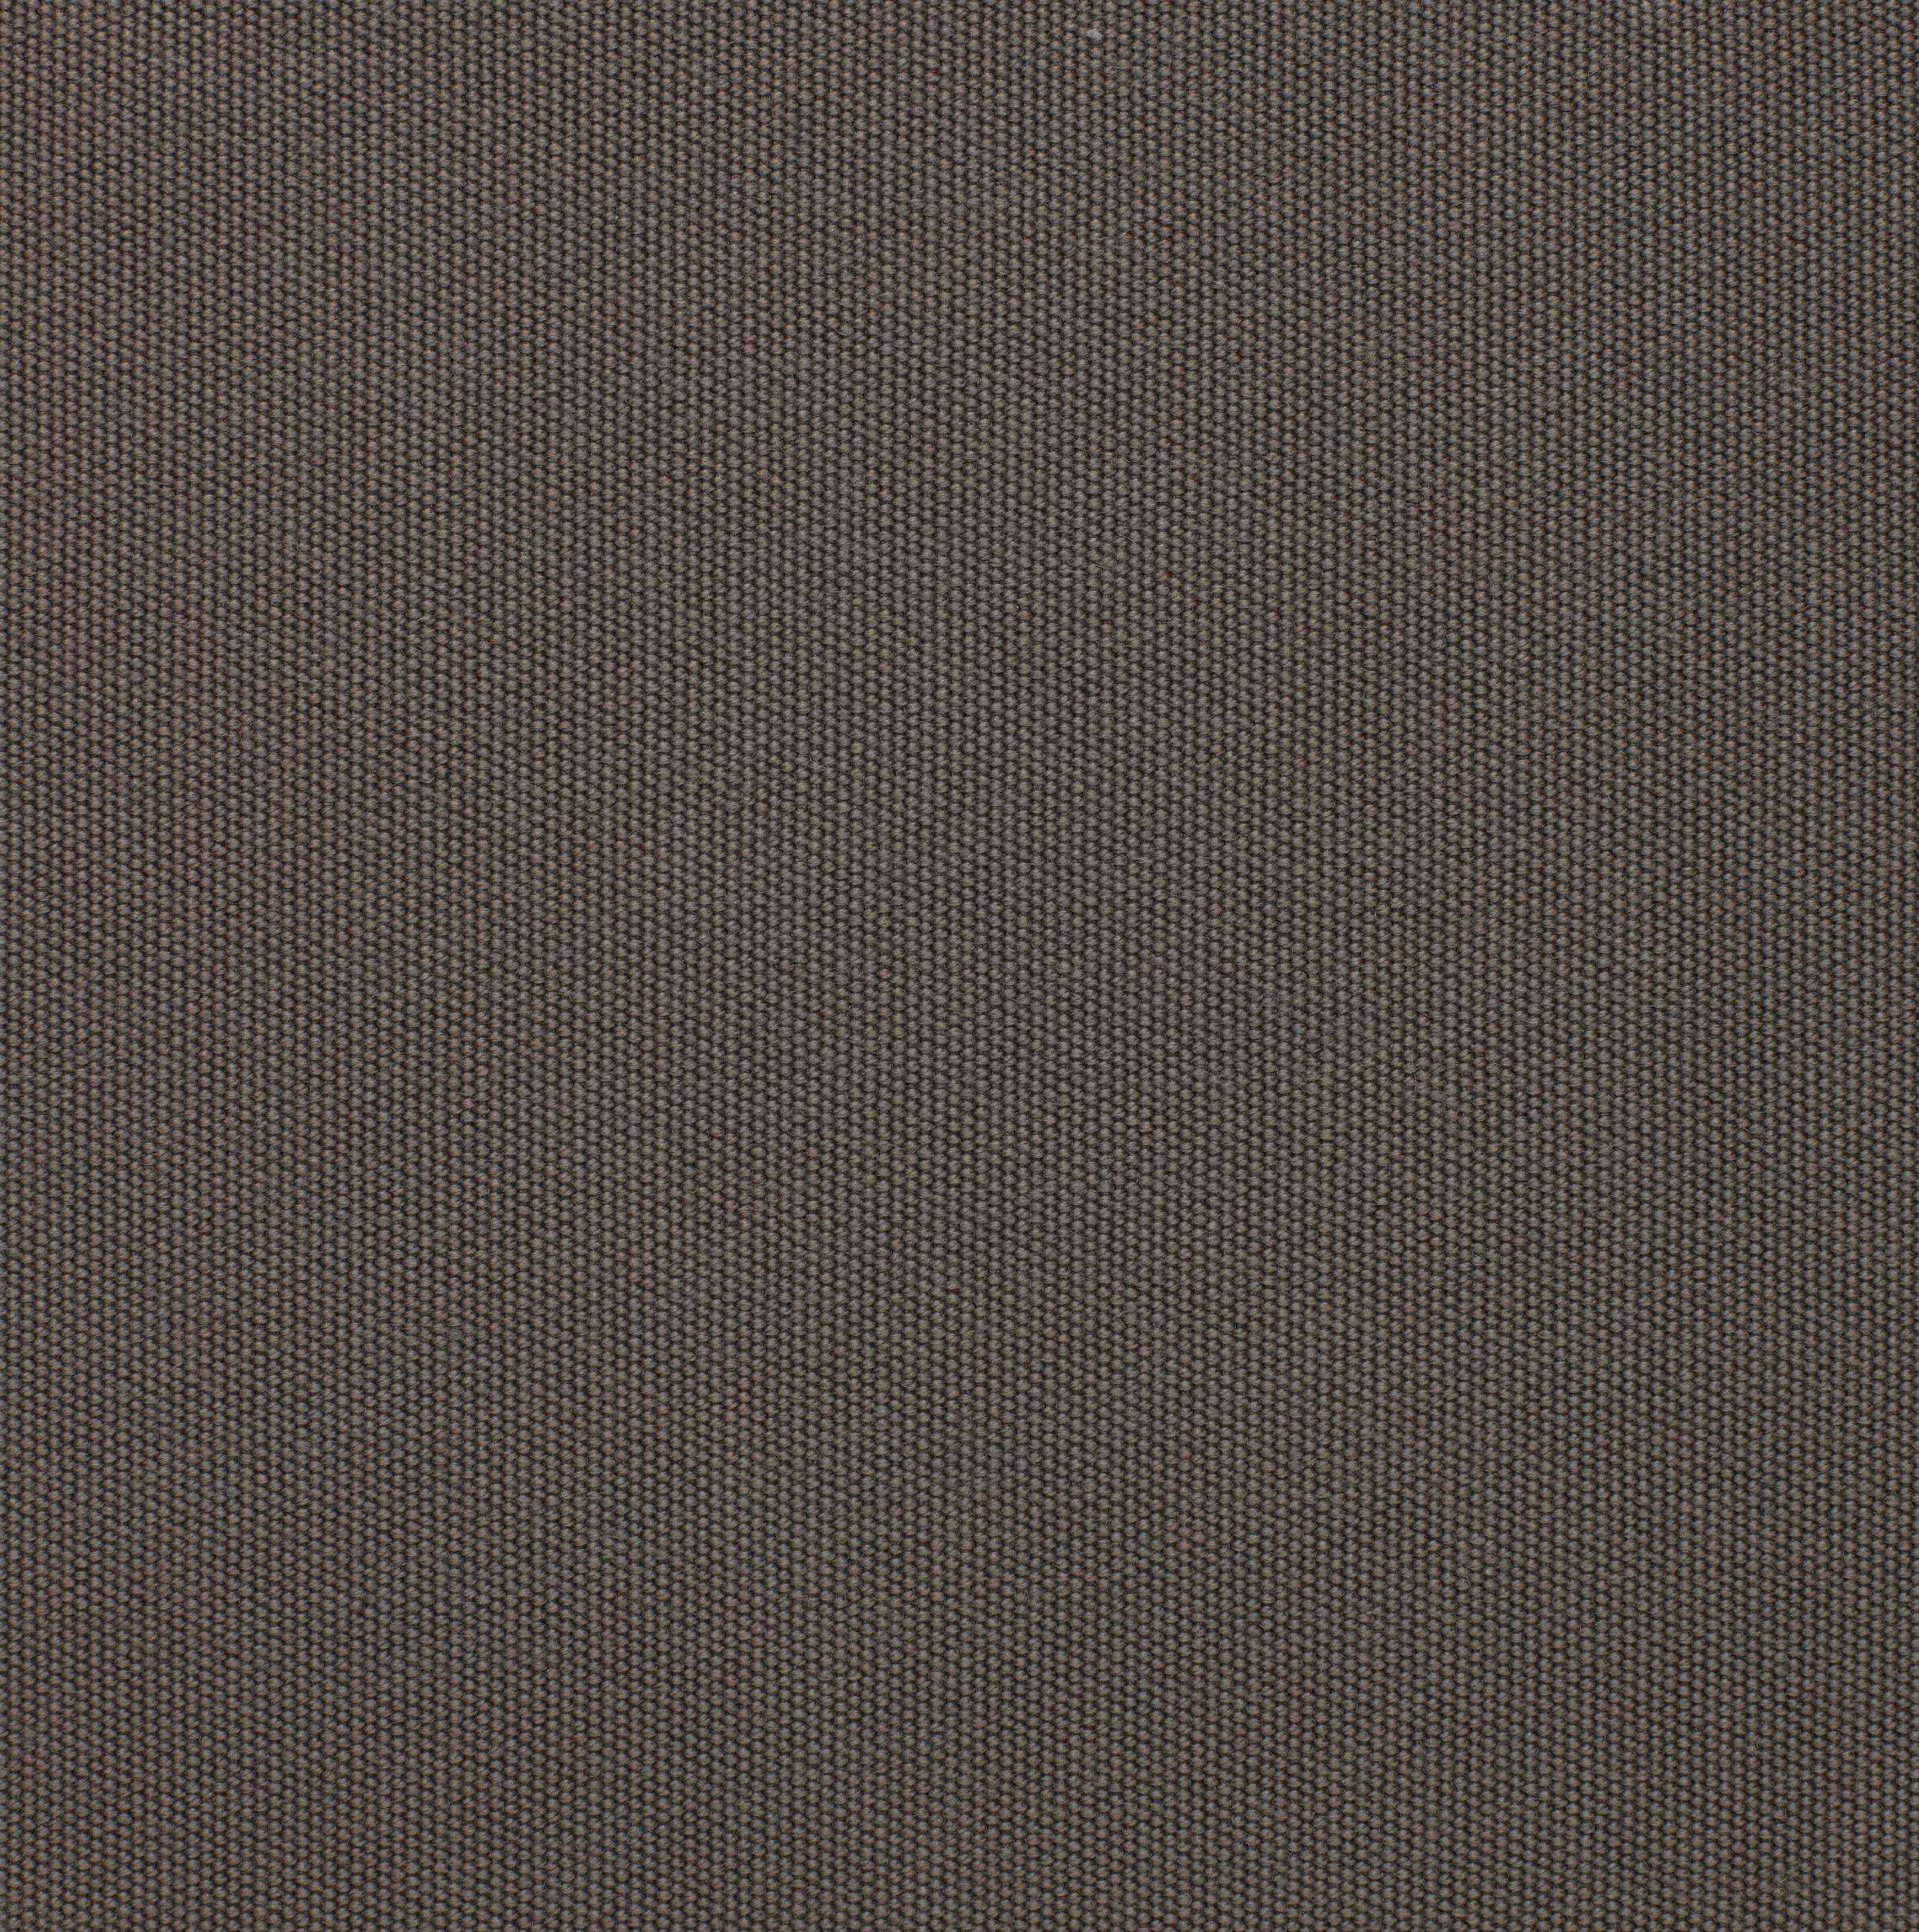 Techno fabric Batyline Canatex Cappuccino